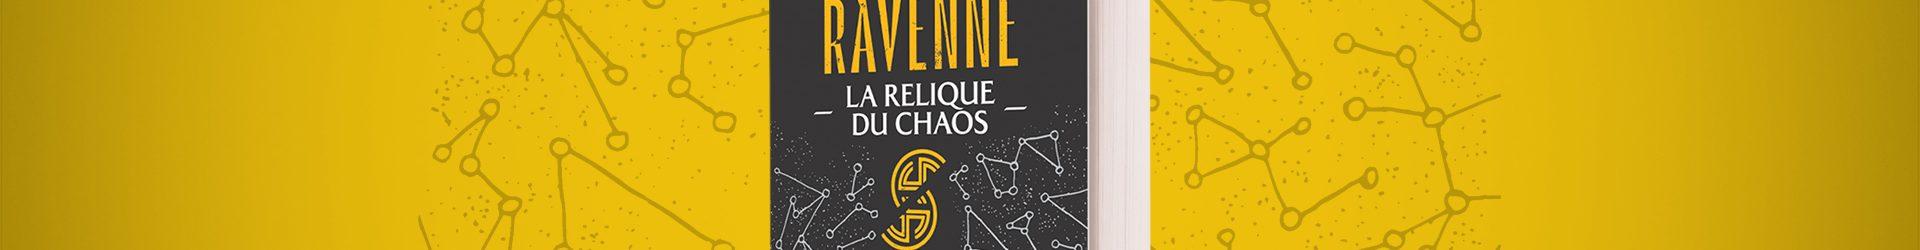 Couverture de La Relique du Chaos de Giacometti et Ravenne